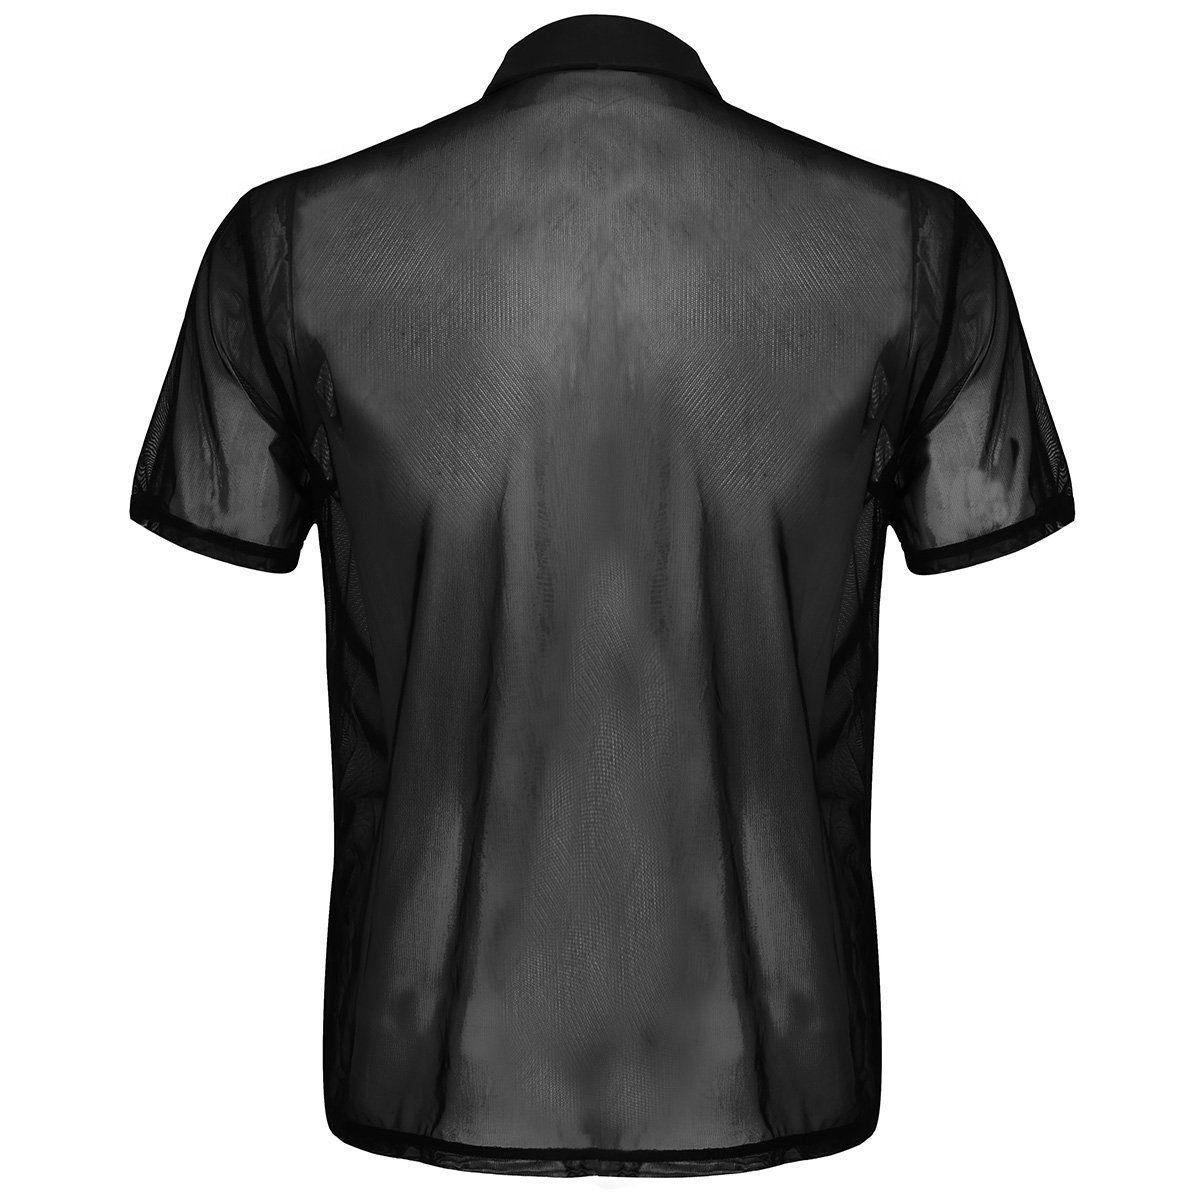 ef14105f4a6d iiniim Mens See Through Shirt Thin Mesh TurnDown Collar Tee Shirt Tops Sexy  Club Wear Black Medium     Want to know more